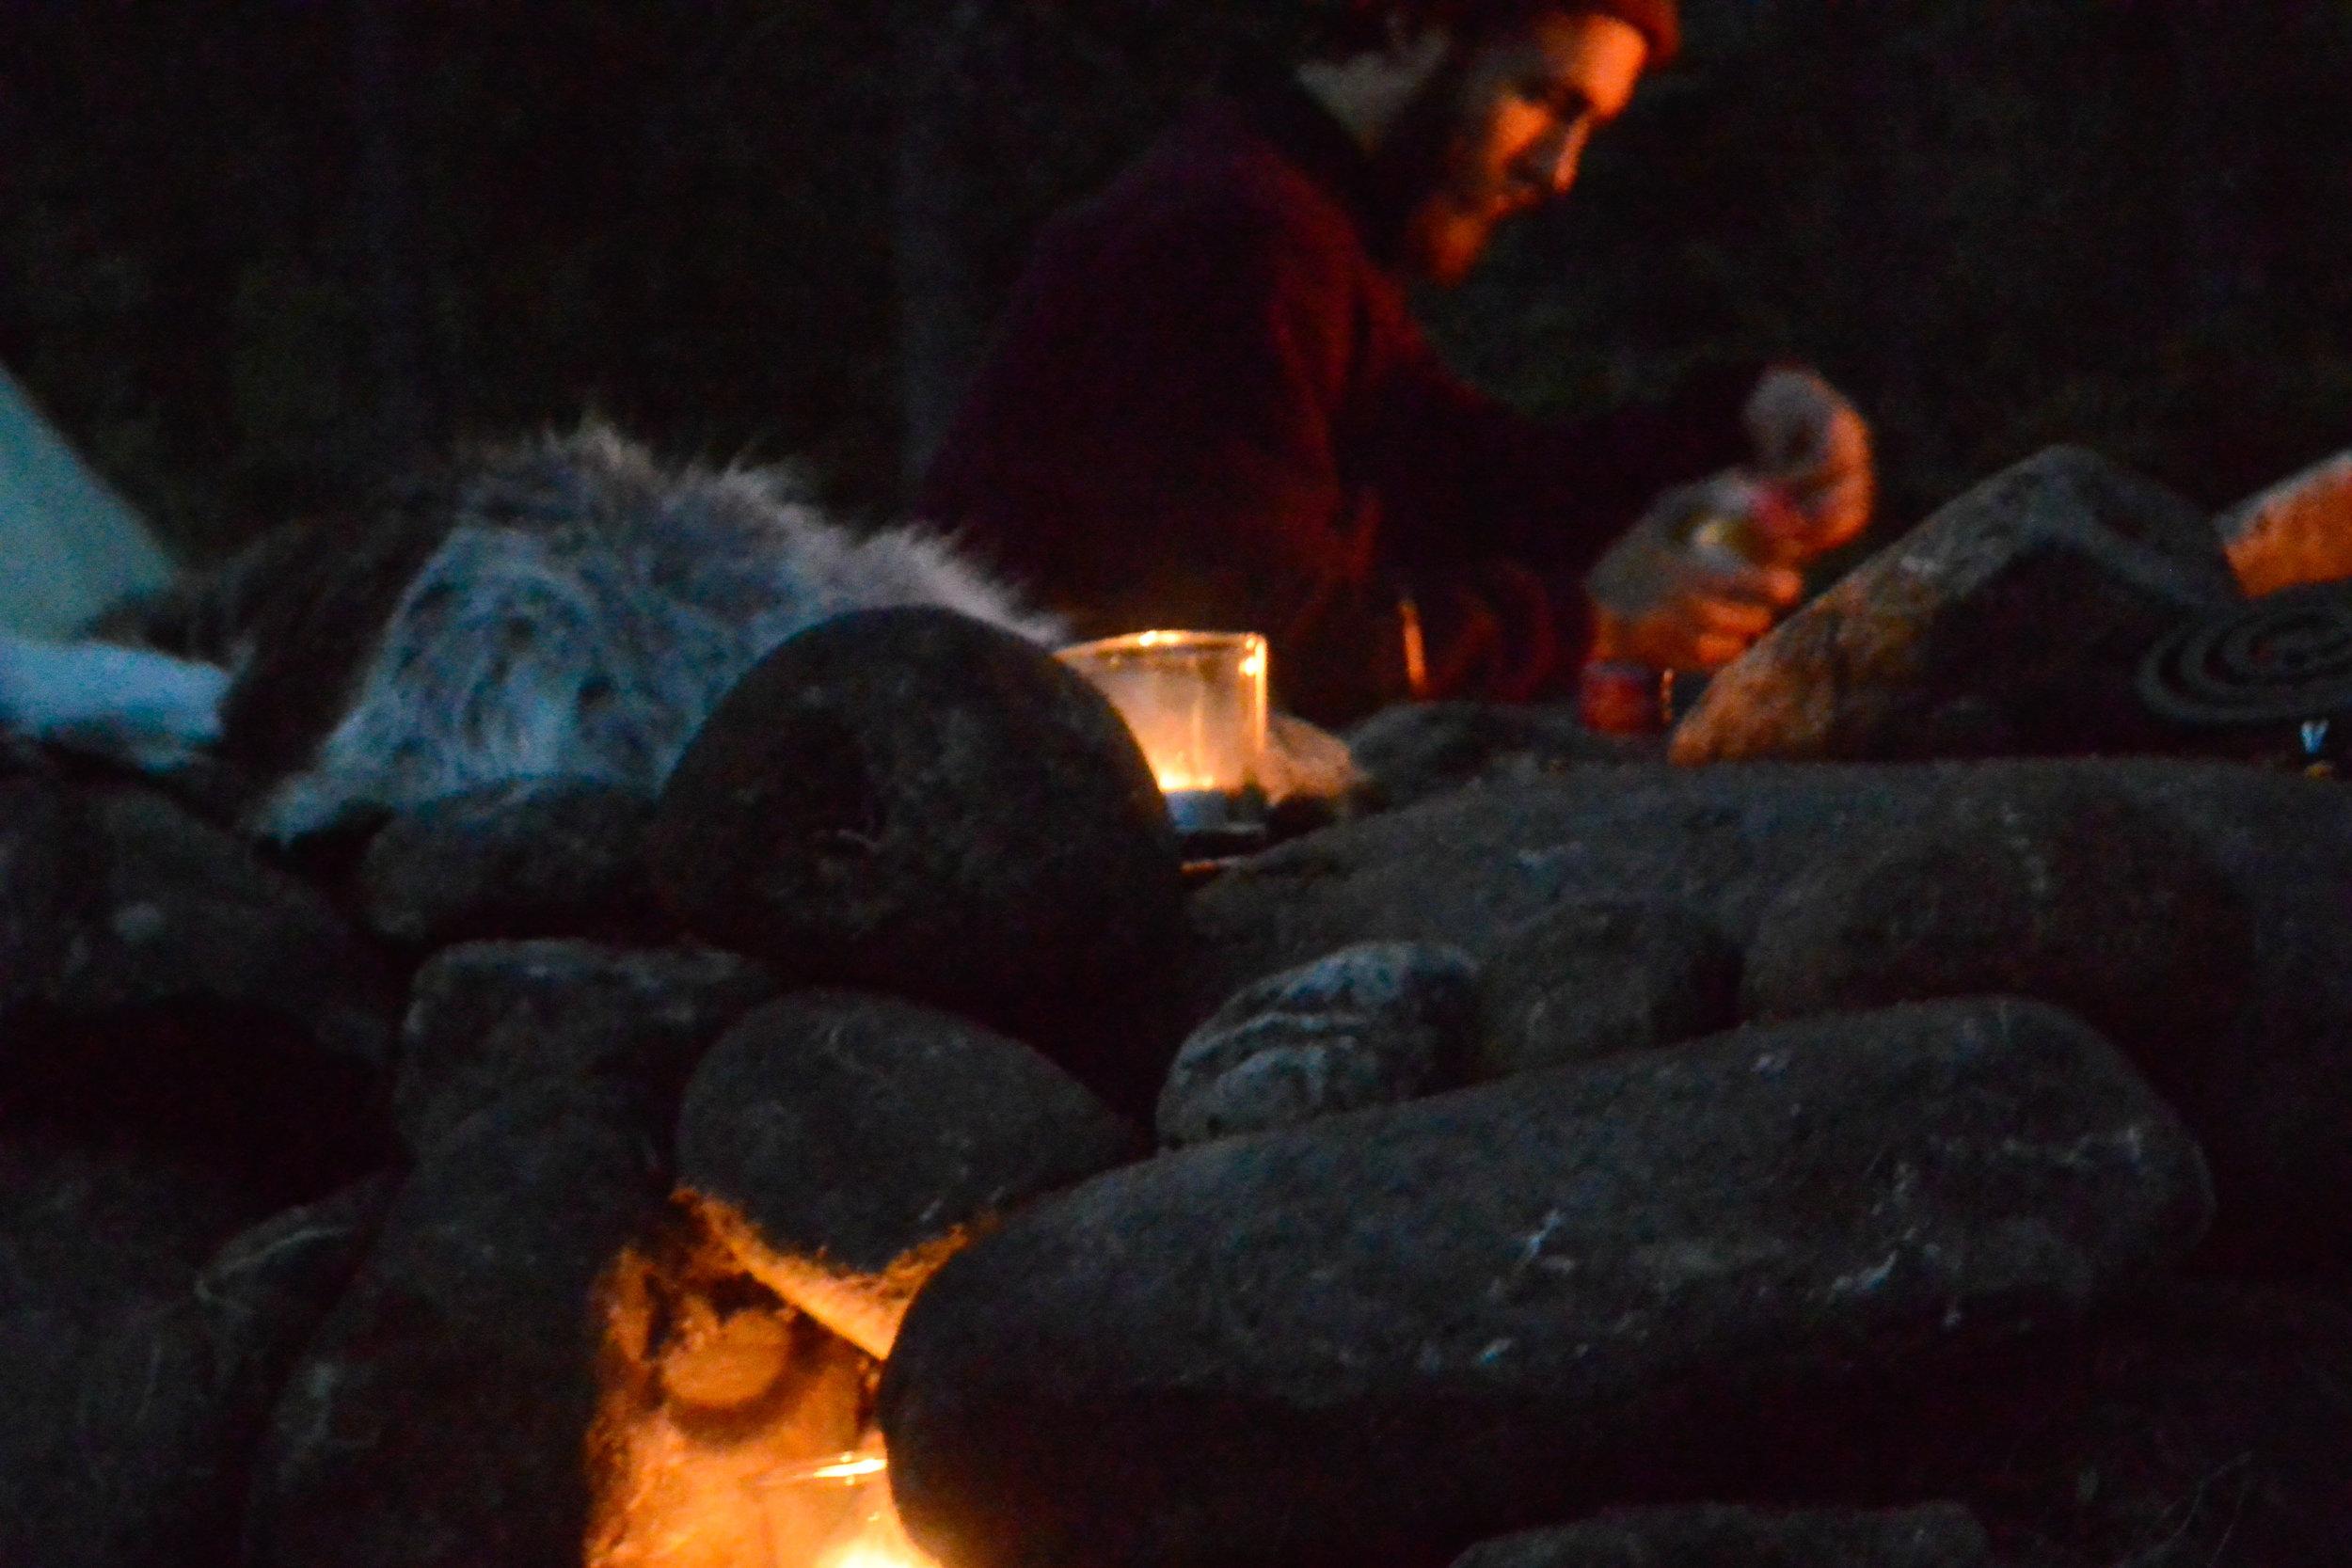 Å camp Fire - 2014